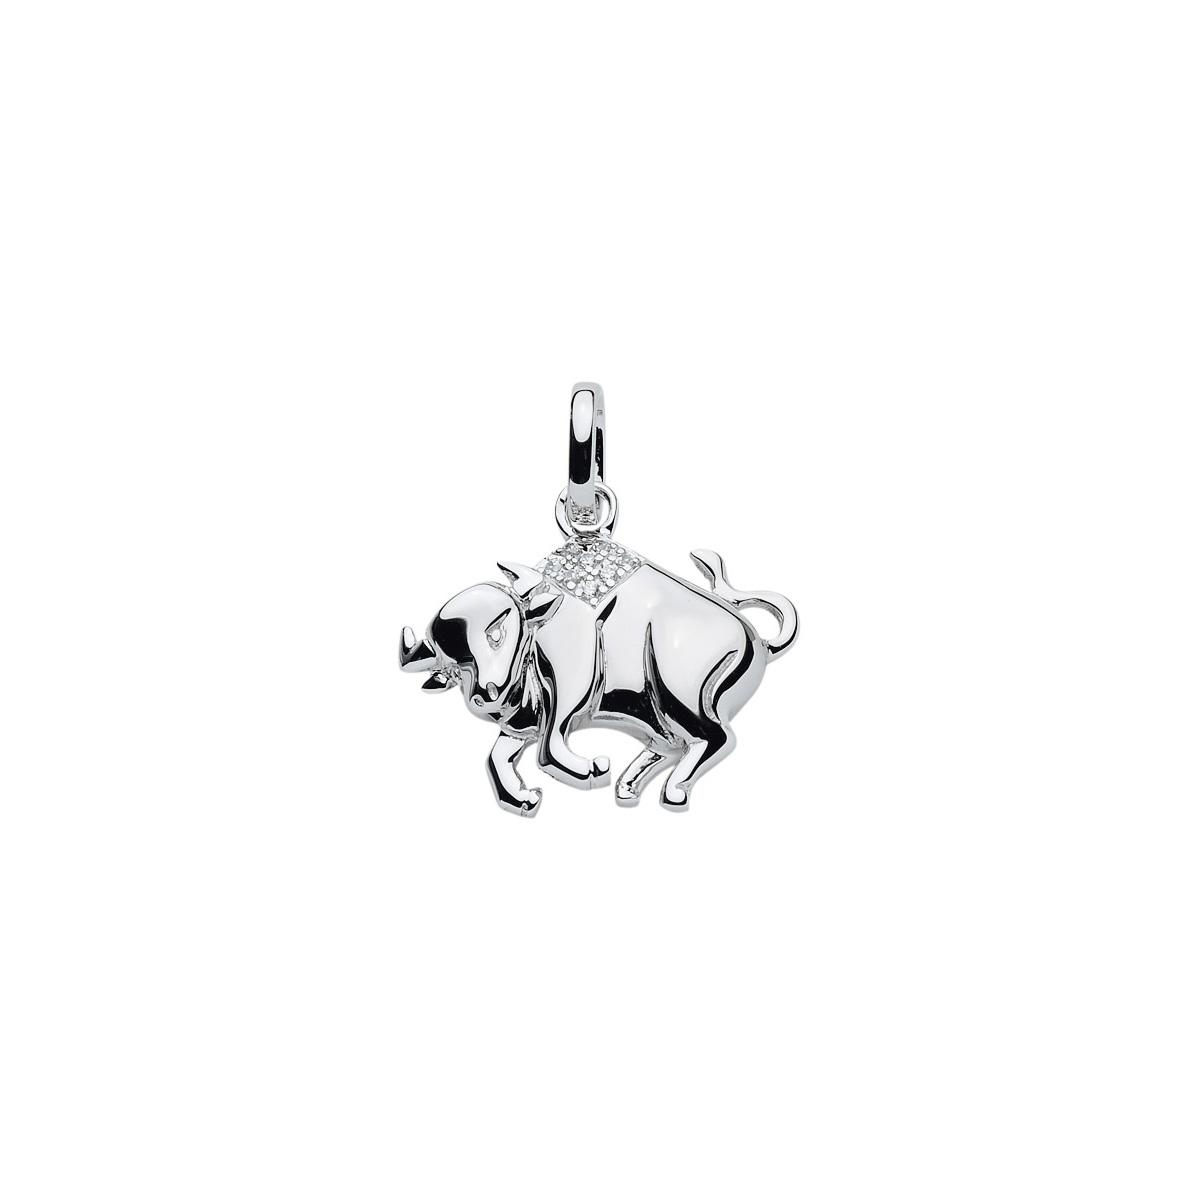 99-TYR sølv vedhæng - Tyrens Stjernetegn som sølv vedhæng til halskæder